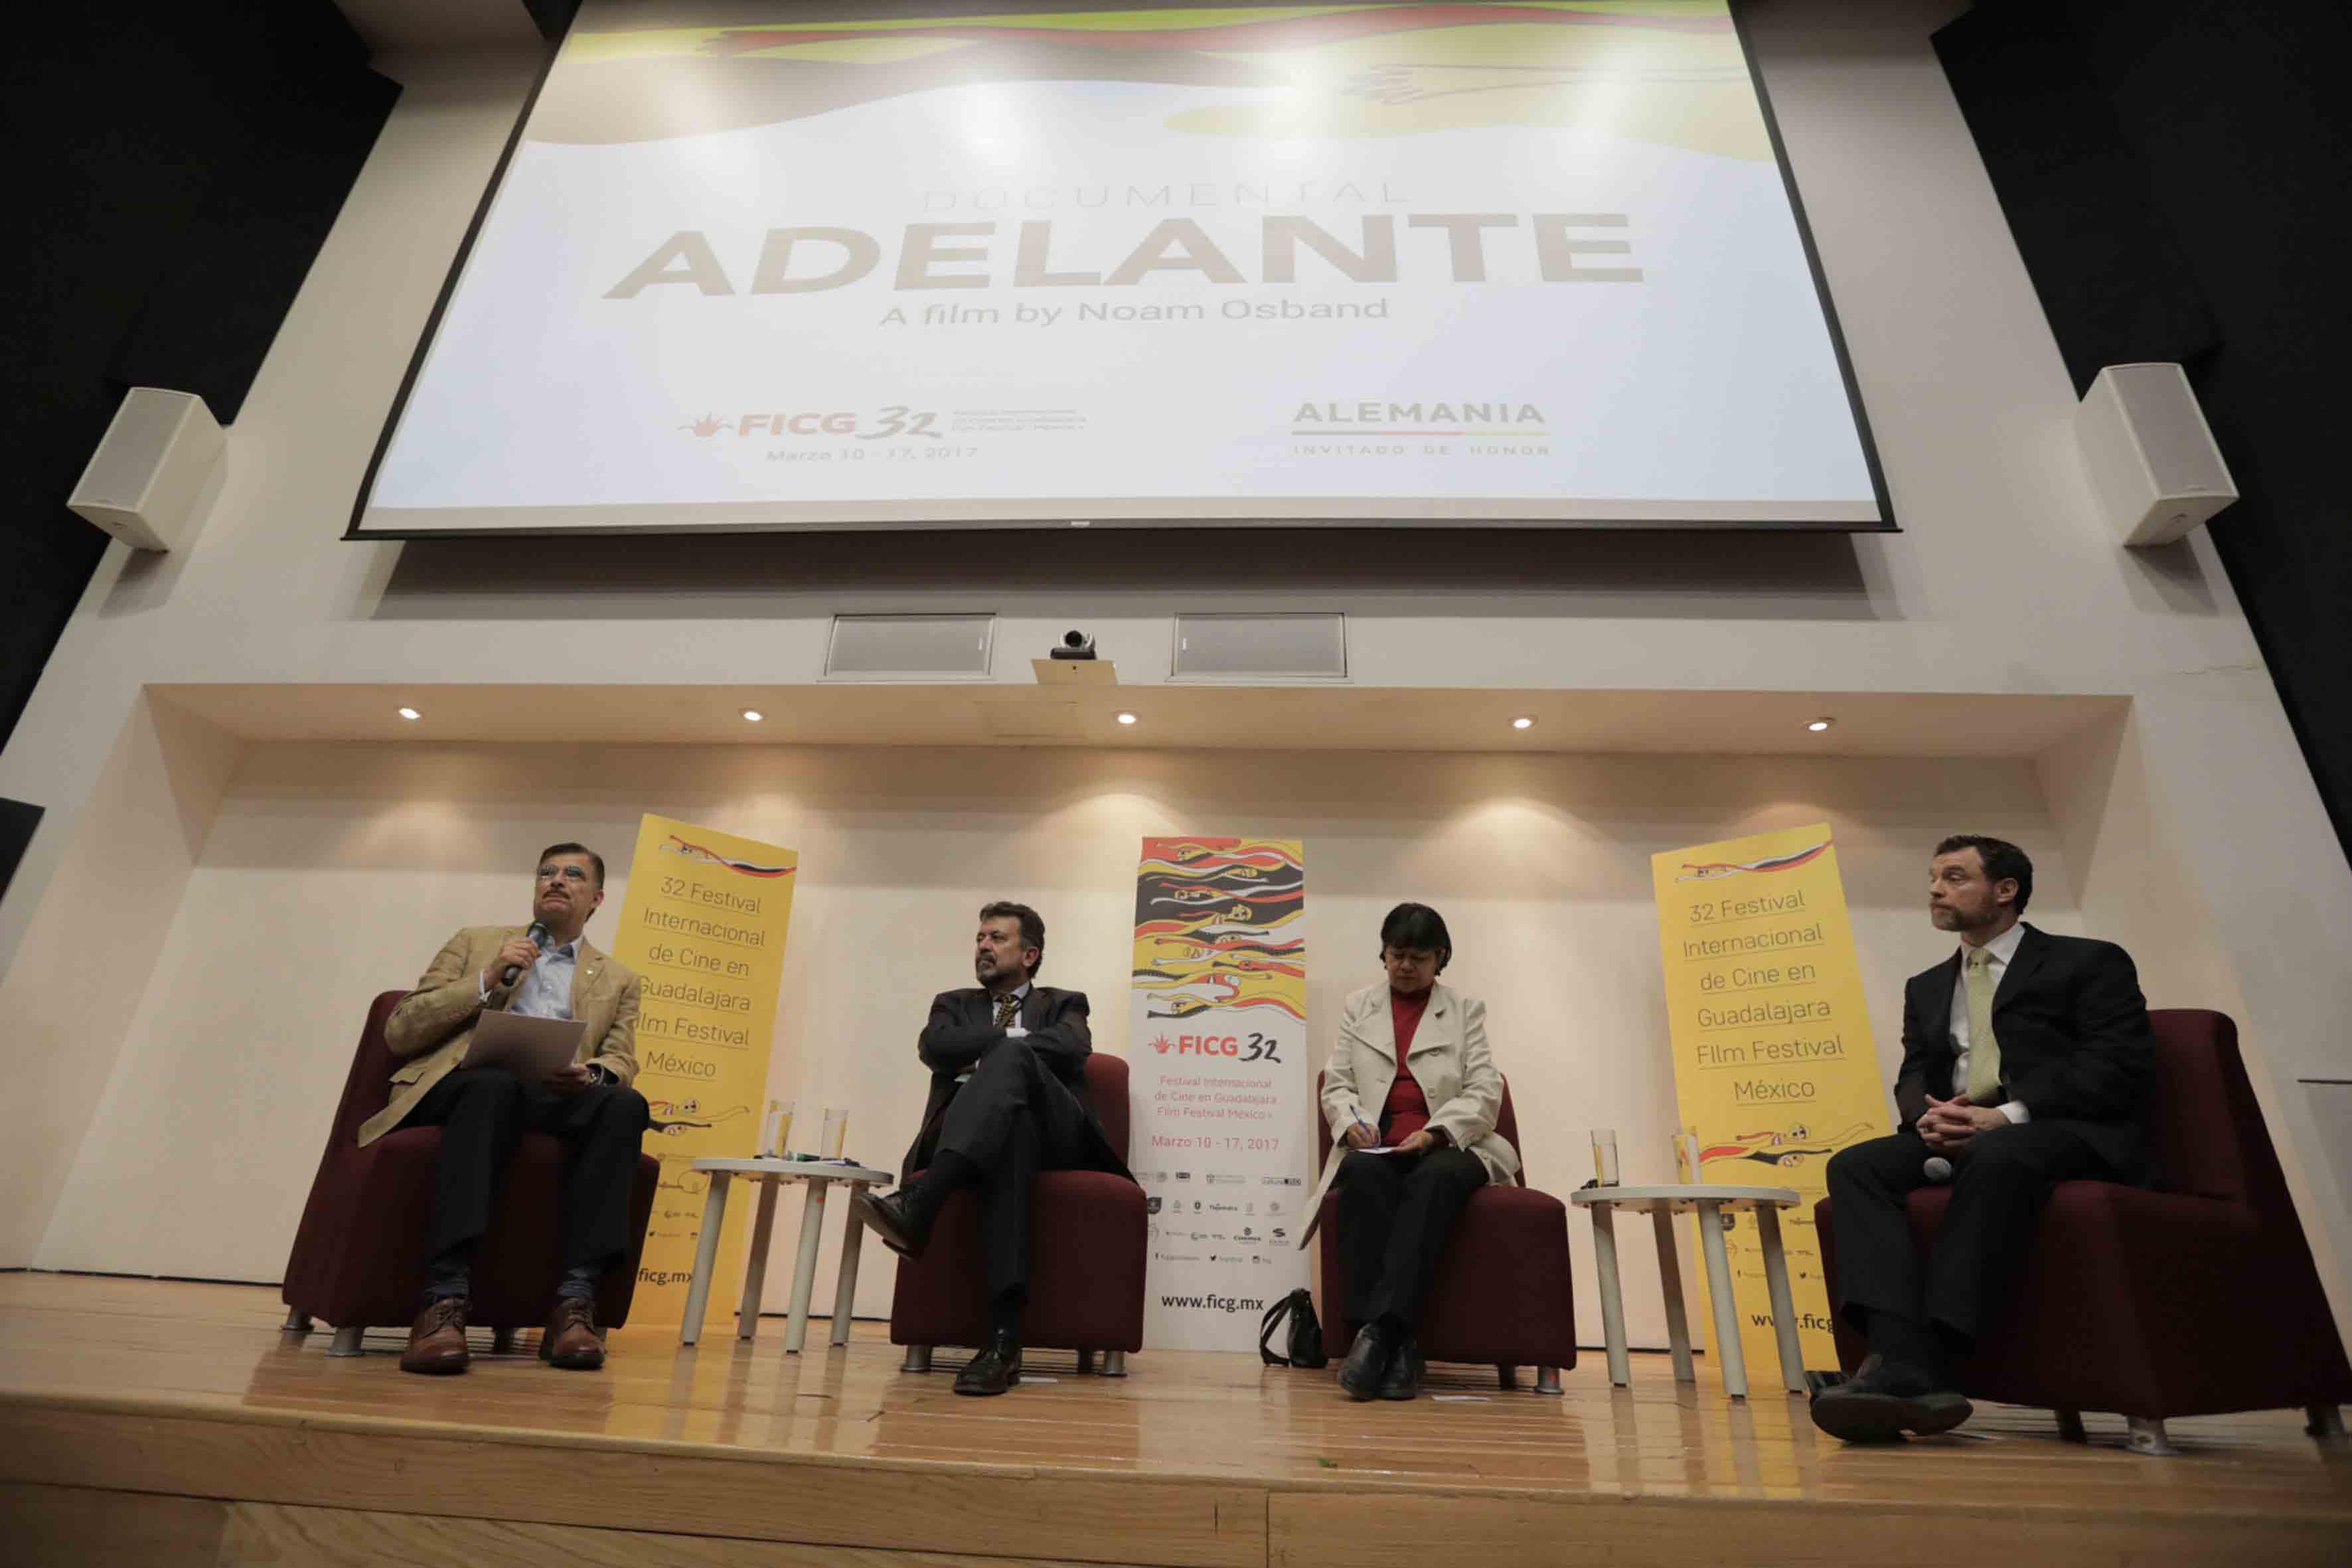 """Mesa de diálogo sobre el documental """"Adelante"""" llevada a cabo en la Biblioteca Pública del Estado """"Juan José Arreola"""", dentro del Festival Internacional del Cine en Guadalajara."""